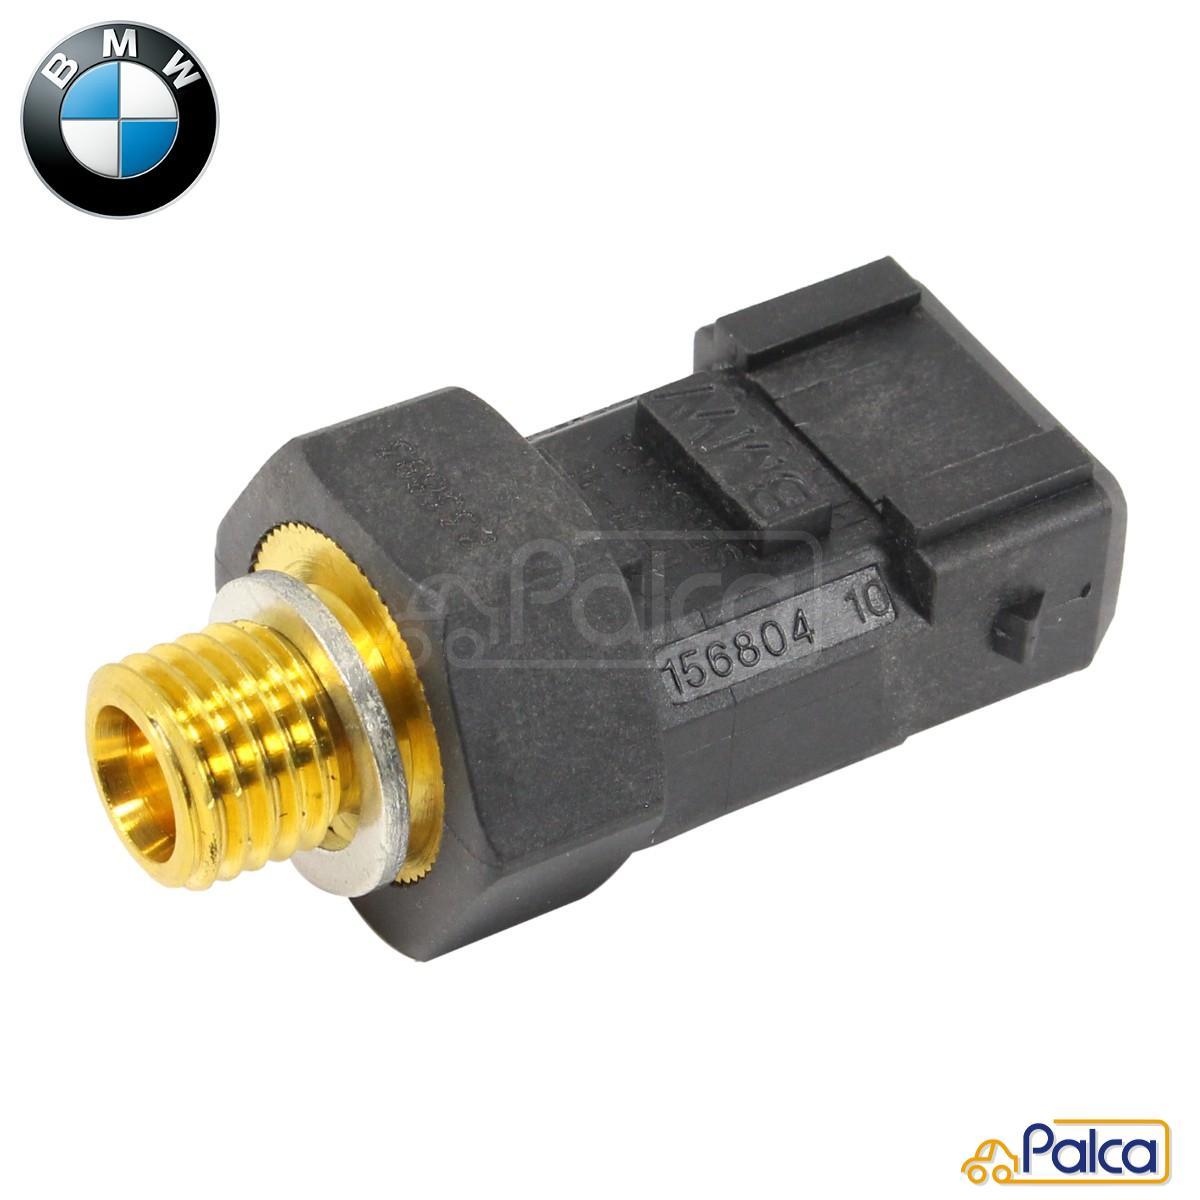 BMW純正 新品 あす楽 BMW エンジン オイルプレッシャースイッチ 通販 圧力センサー E60 E61 525i 530i 25i E84 E63 28i E64 630i X1 530xi 純正 公式通販 12617549796